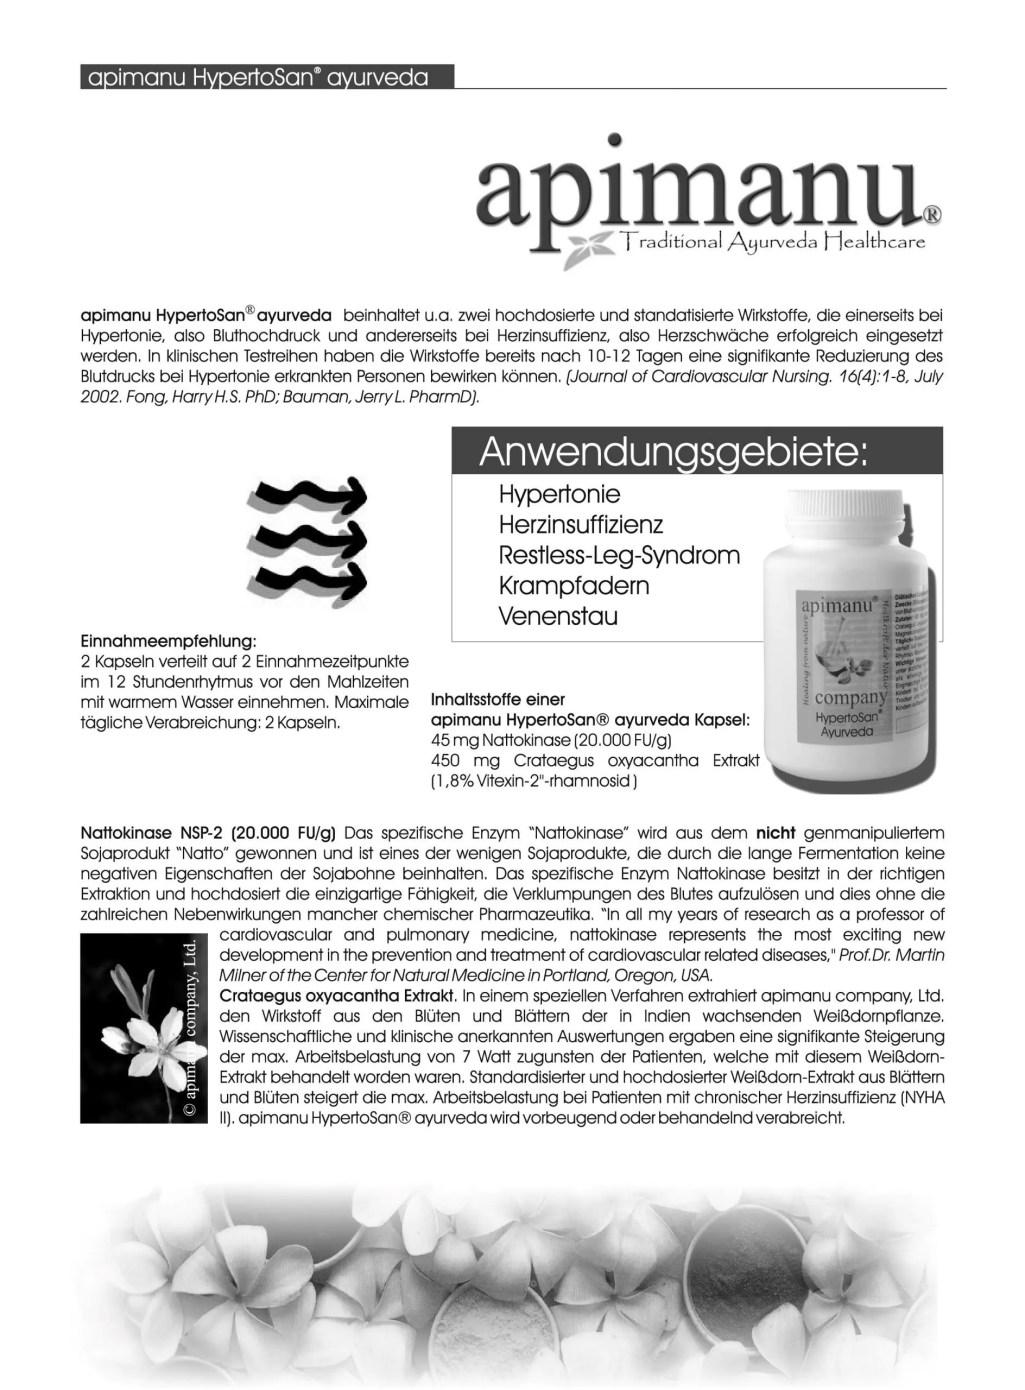 Produktbeschreibung apimanu Hypertosan